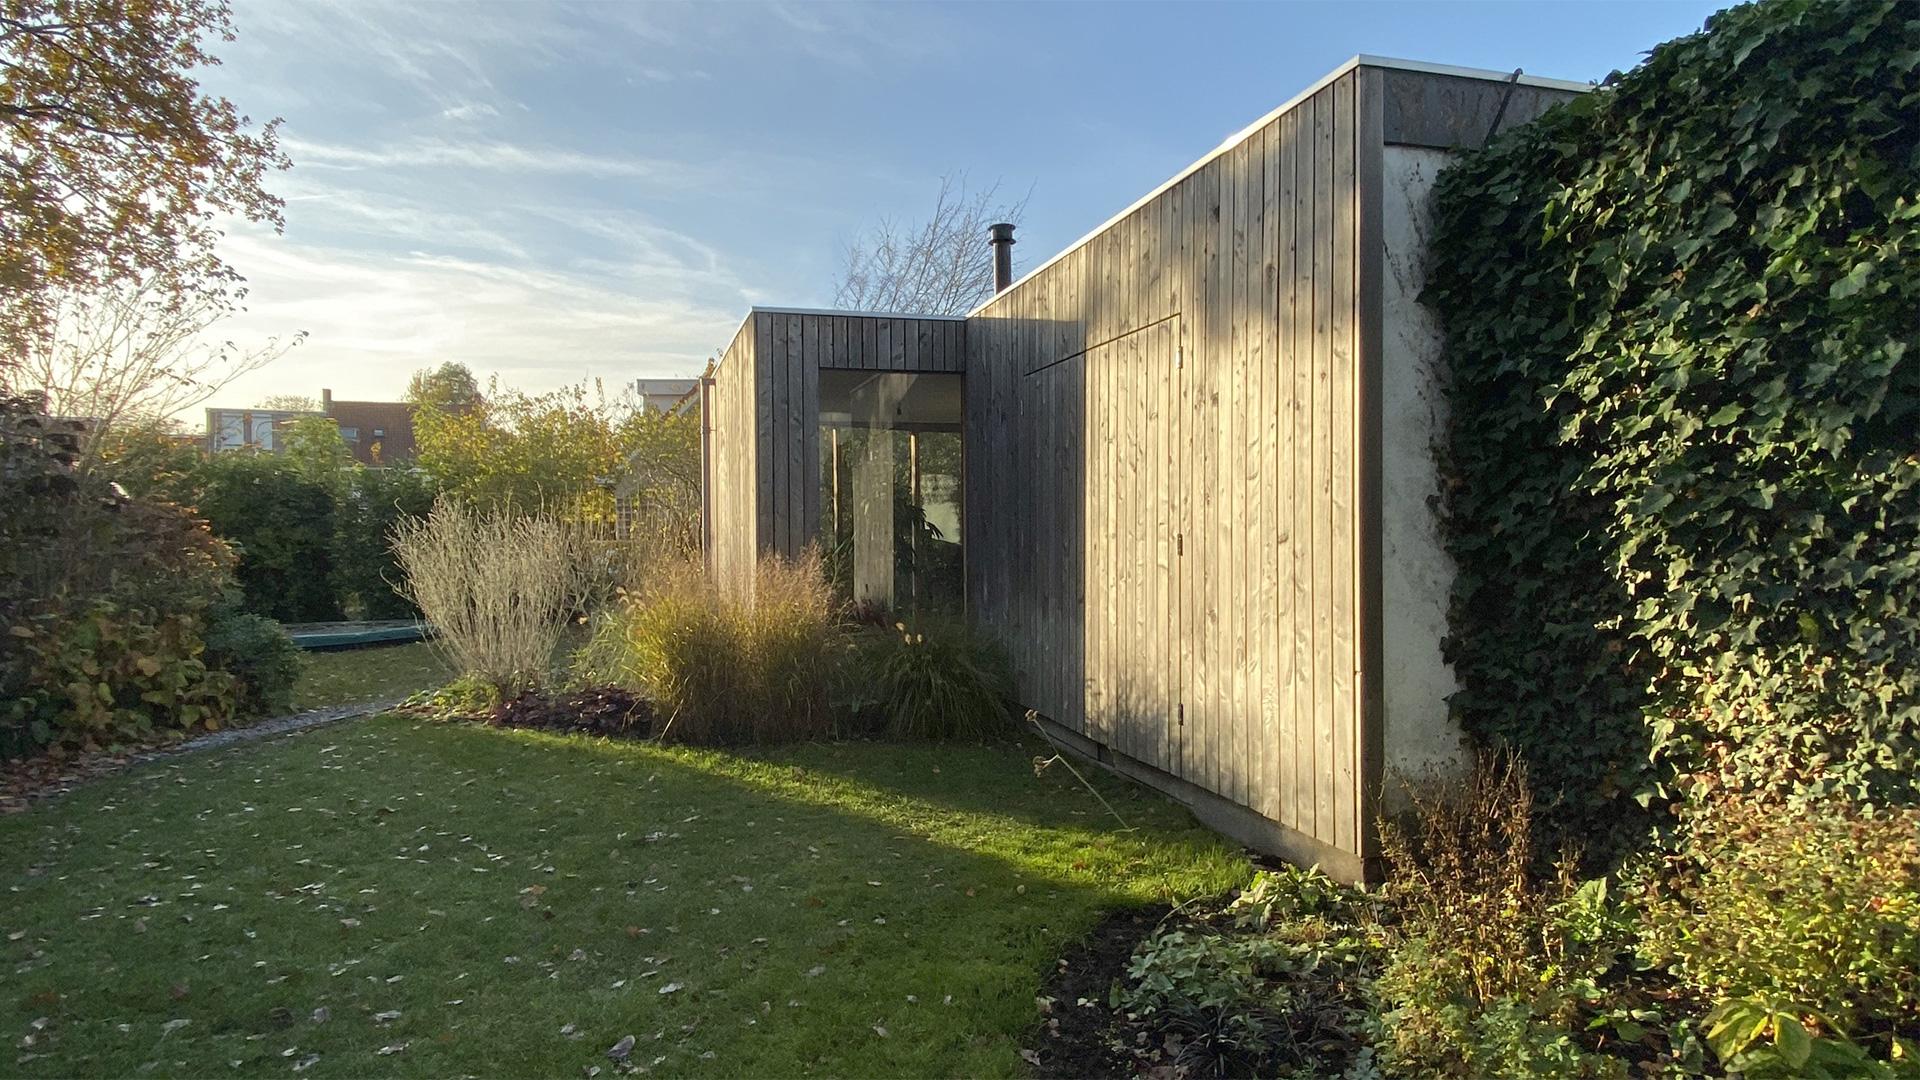 houten-gevelbekleding-duurzaam-bouwen-architect-1